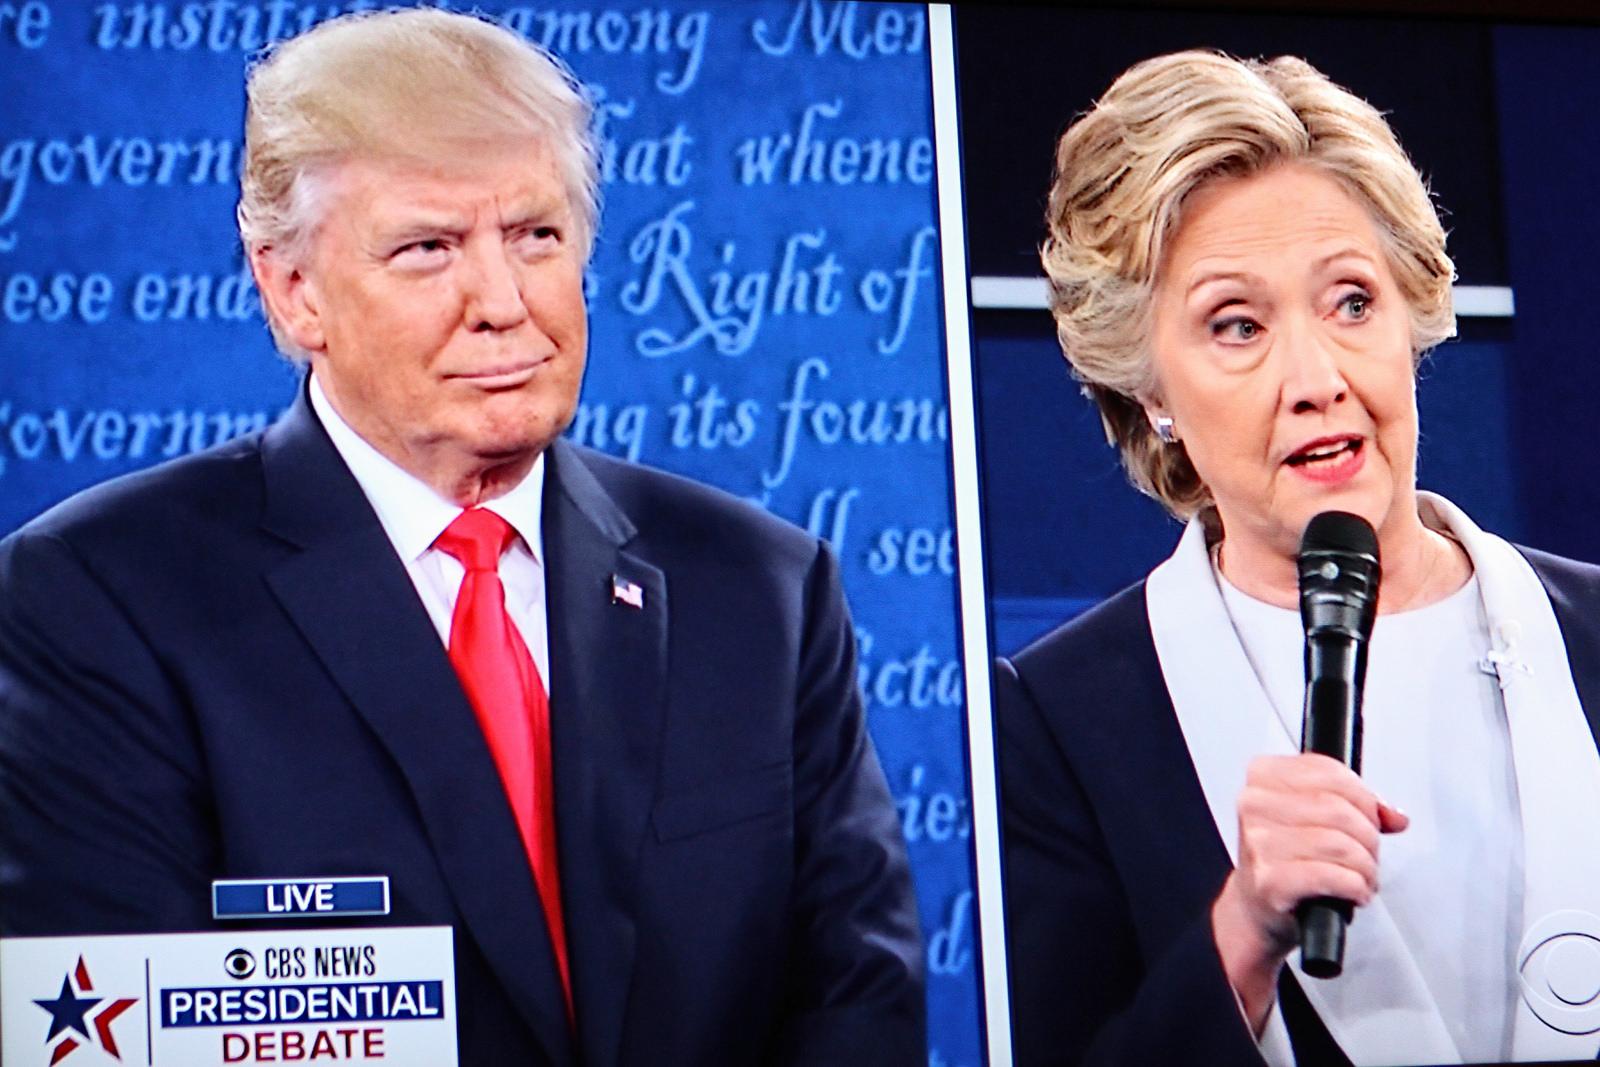 Fra den andre debatten mellom Trump og Clinton 9. oktober 2016 (skjermbilde).